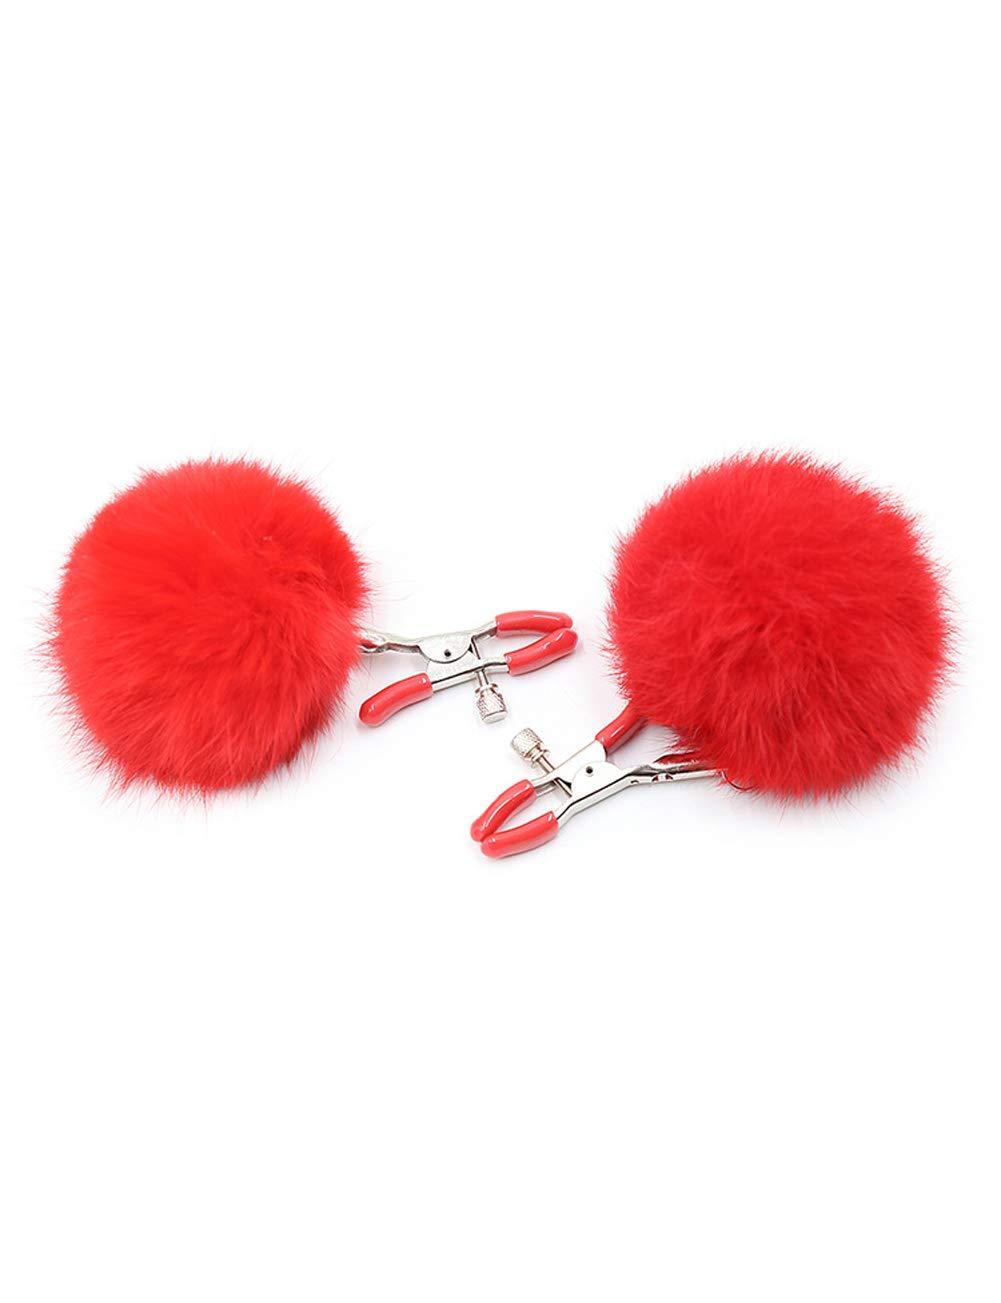 JUEYA Regalo de rojo amante rojo de para mujeres hombres juego de disfraces 9f7acb